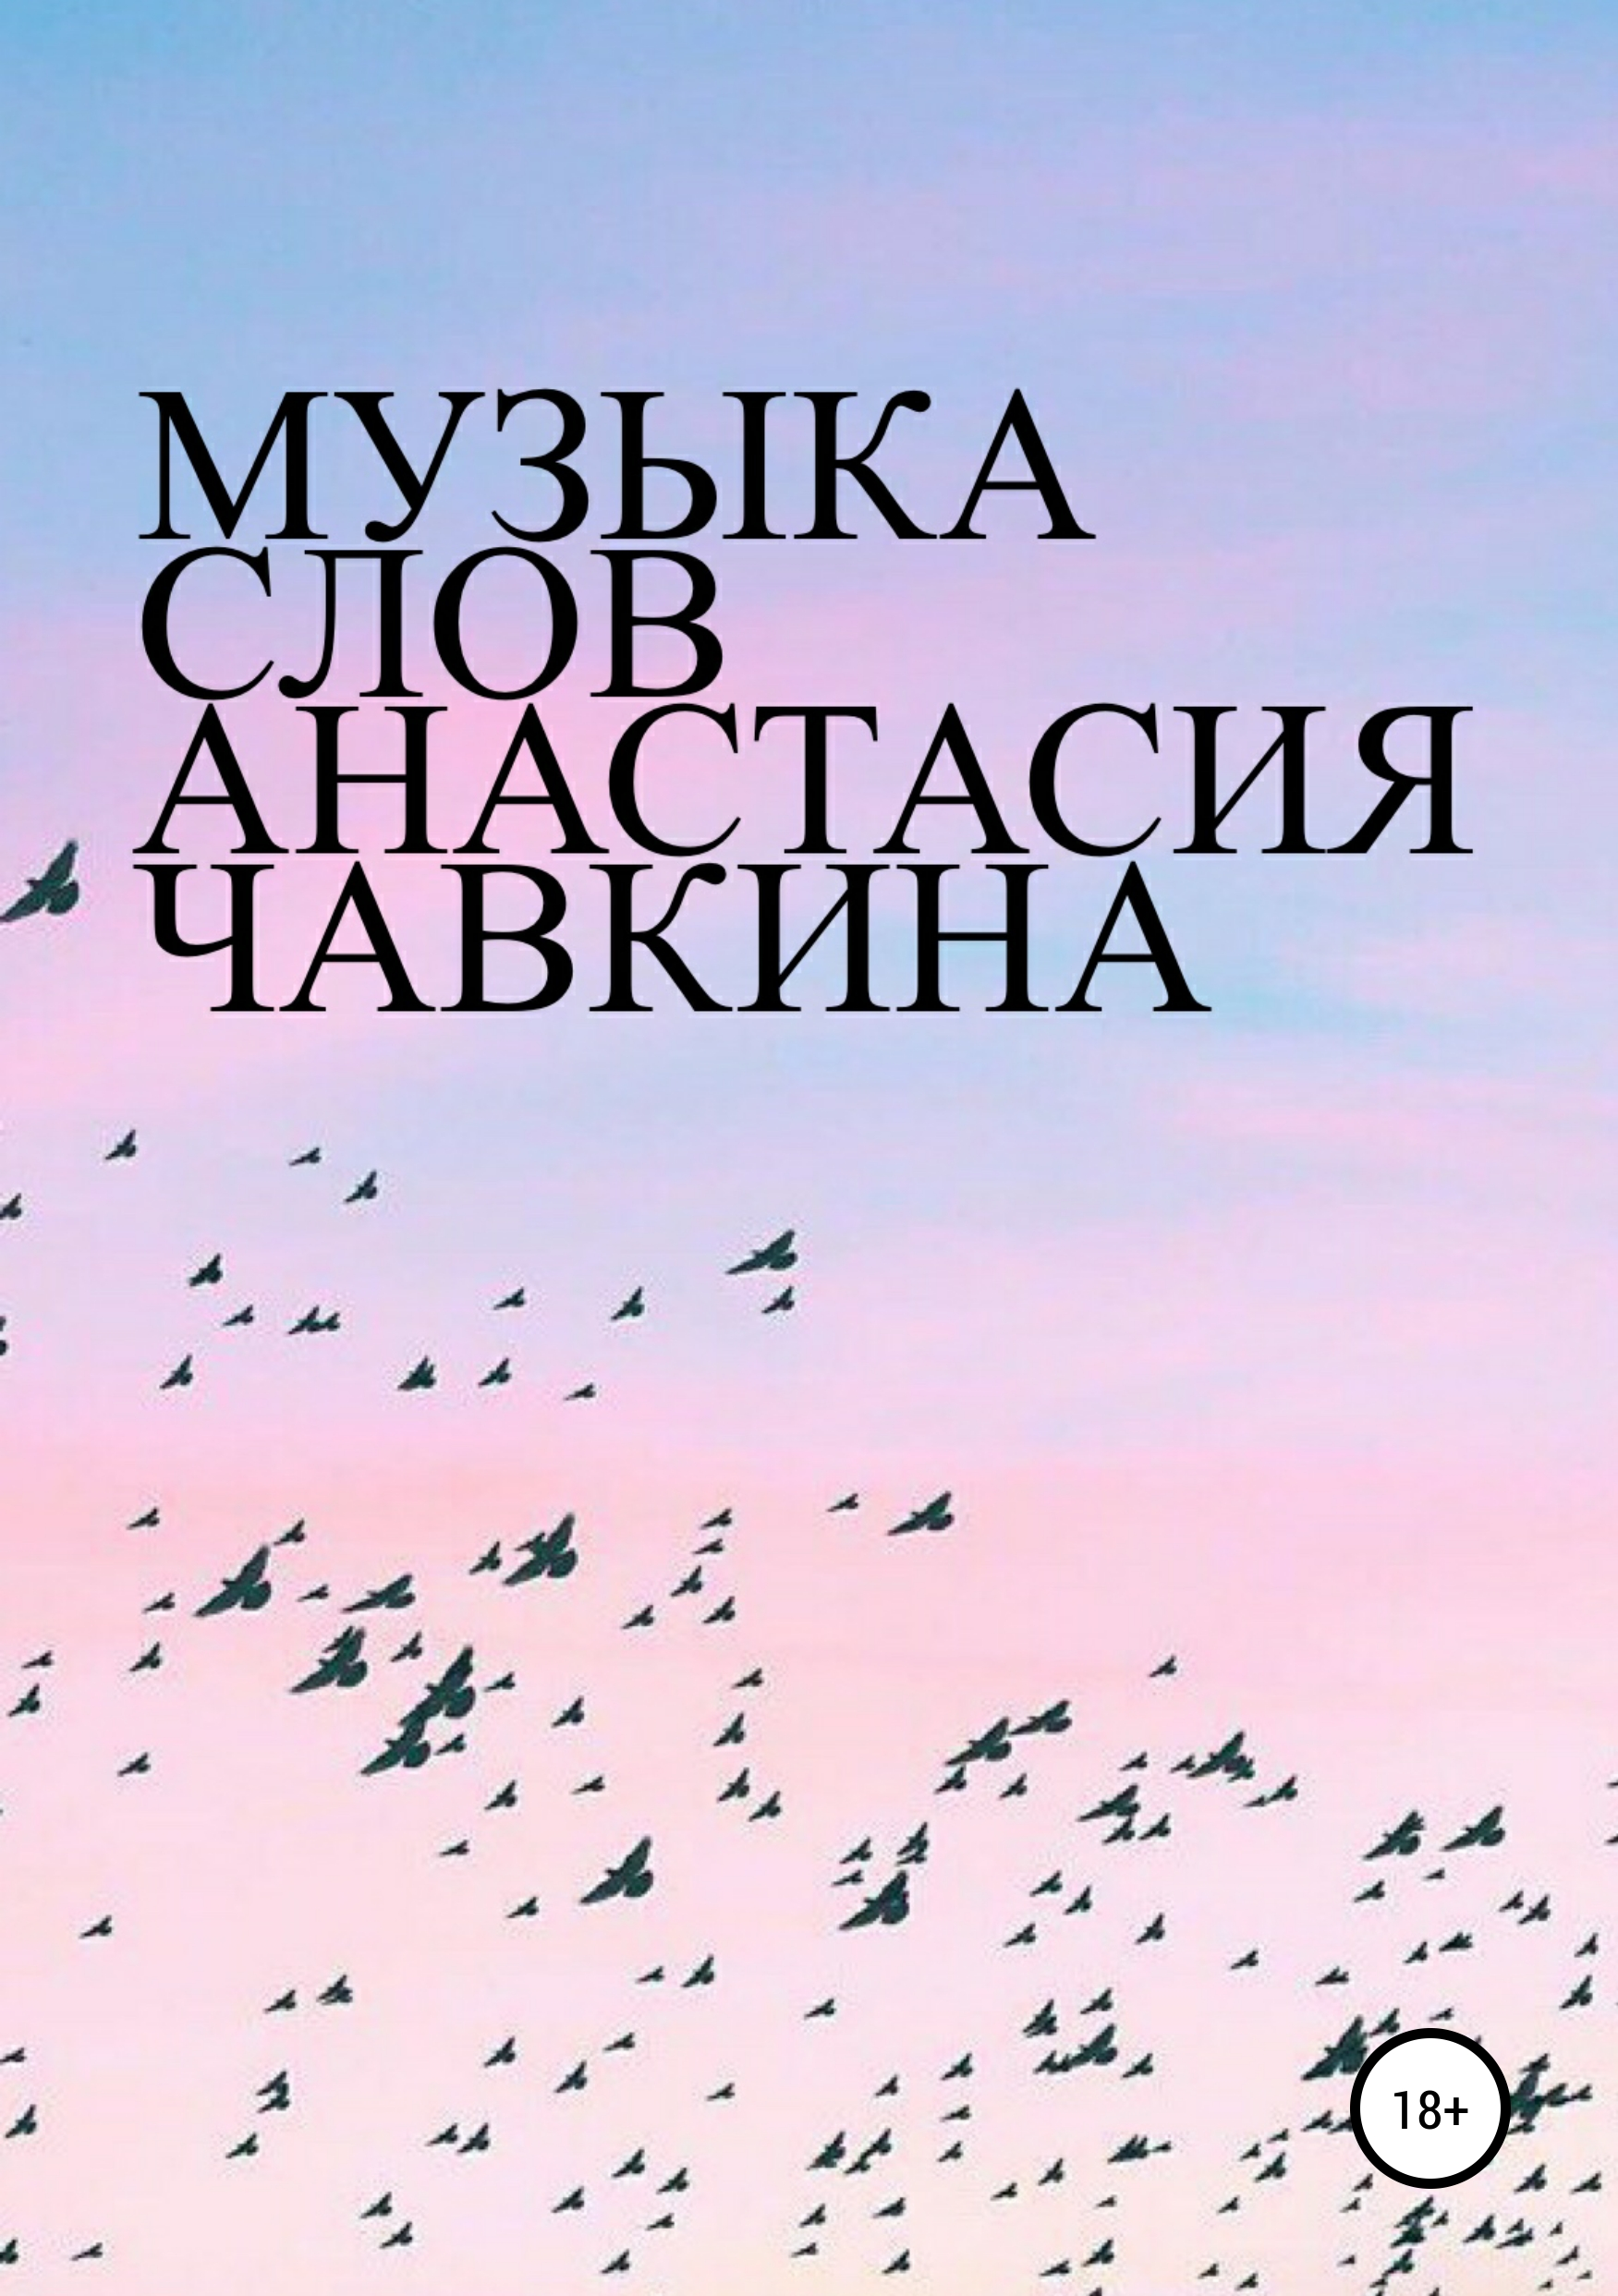 Анастасия Романовна Чавкина Музыка слов музыка вселенной